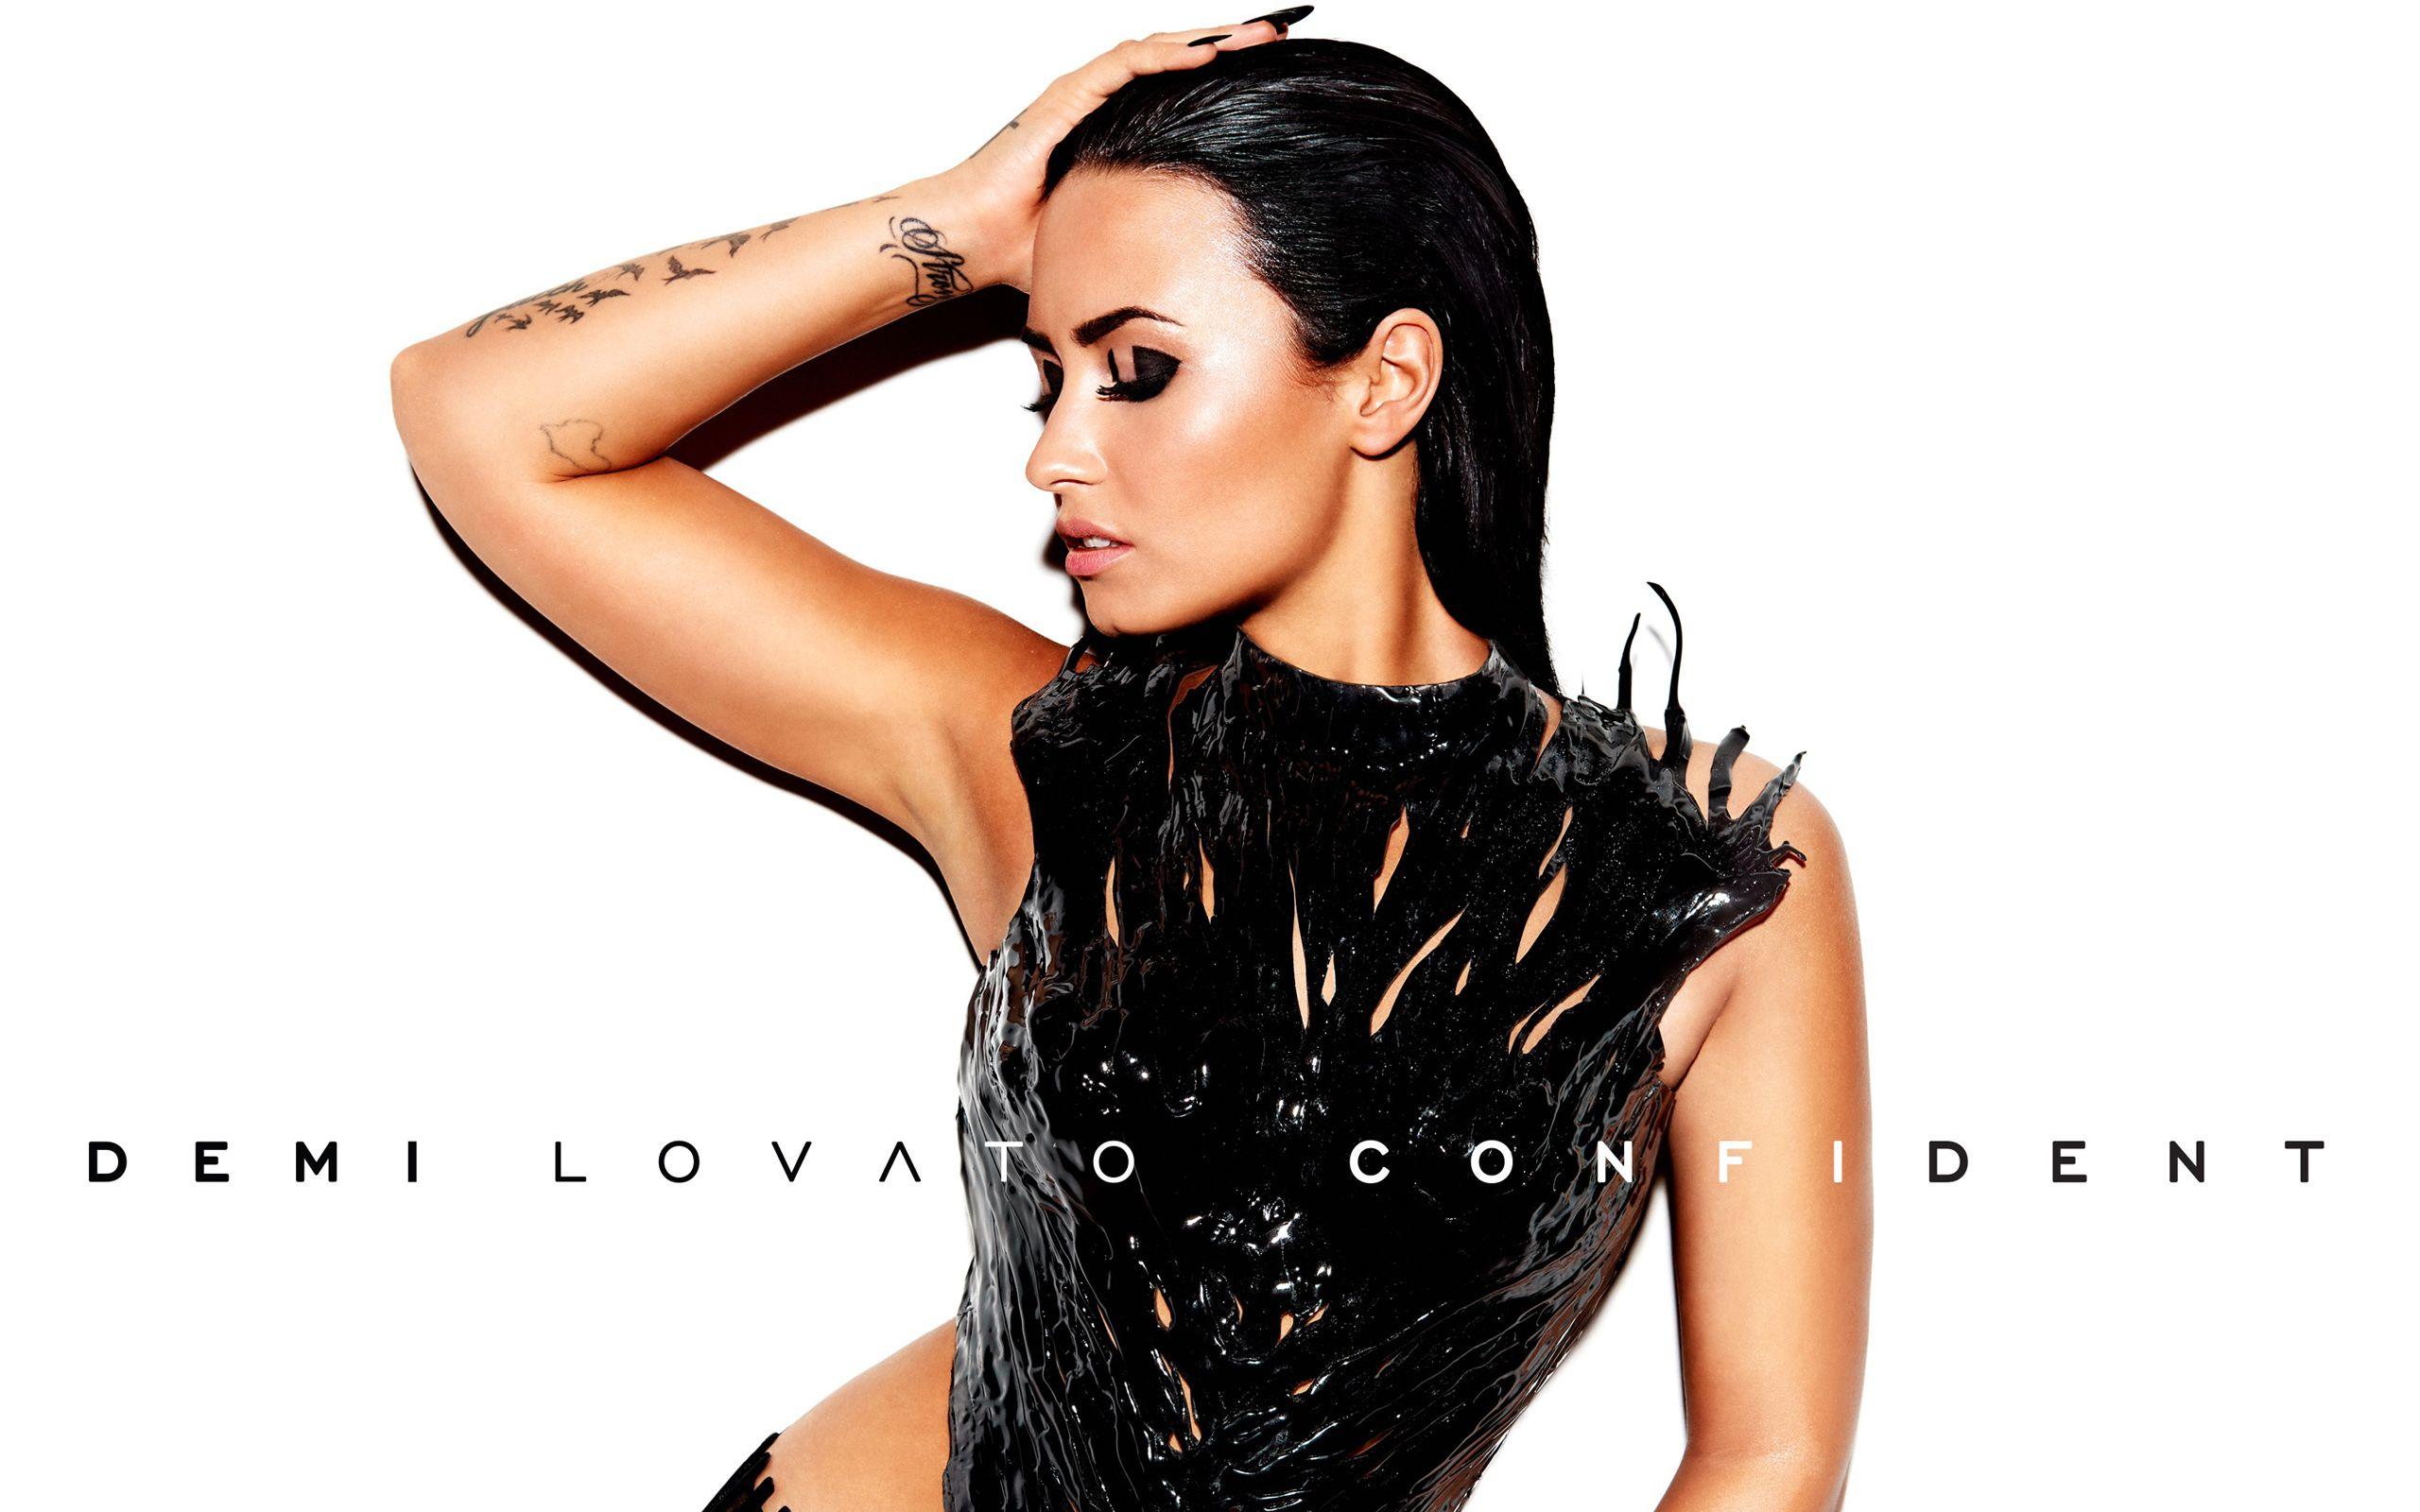 Demi Lovato Wallpapers Page Hd Wallpapers Demi Lovato Confident Album Demi Lovato Albums Confident Demi Lovato